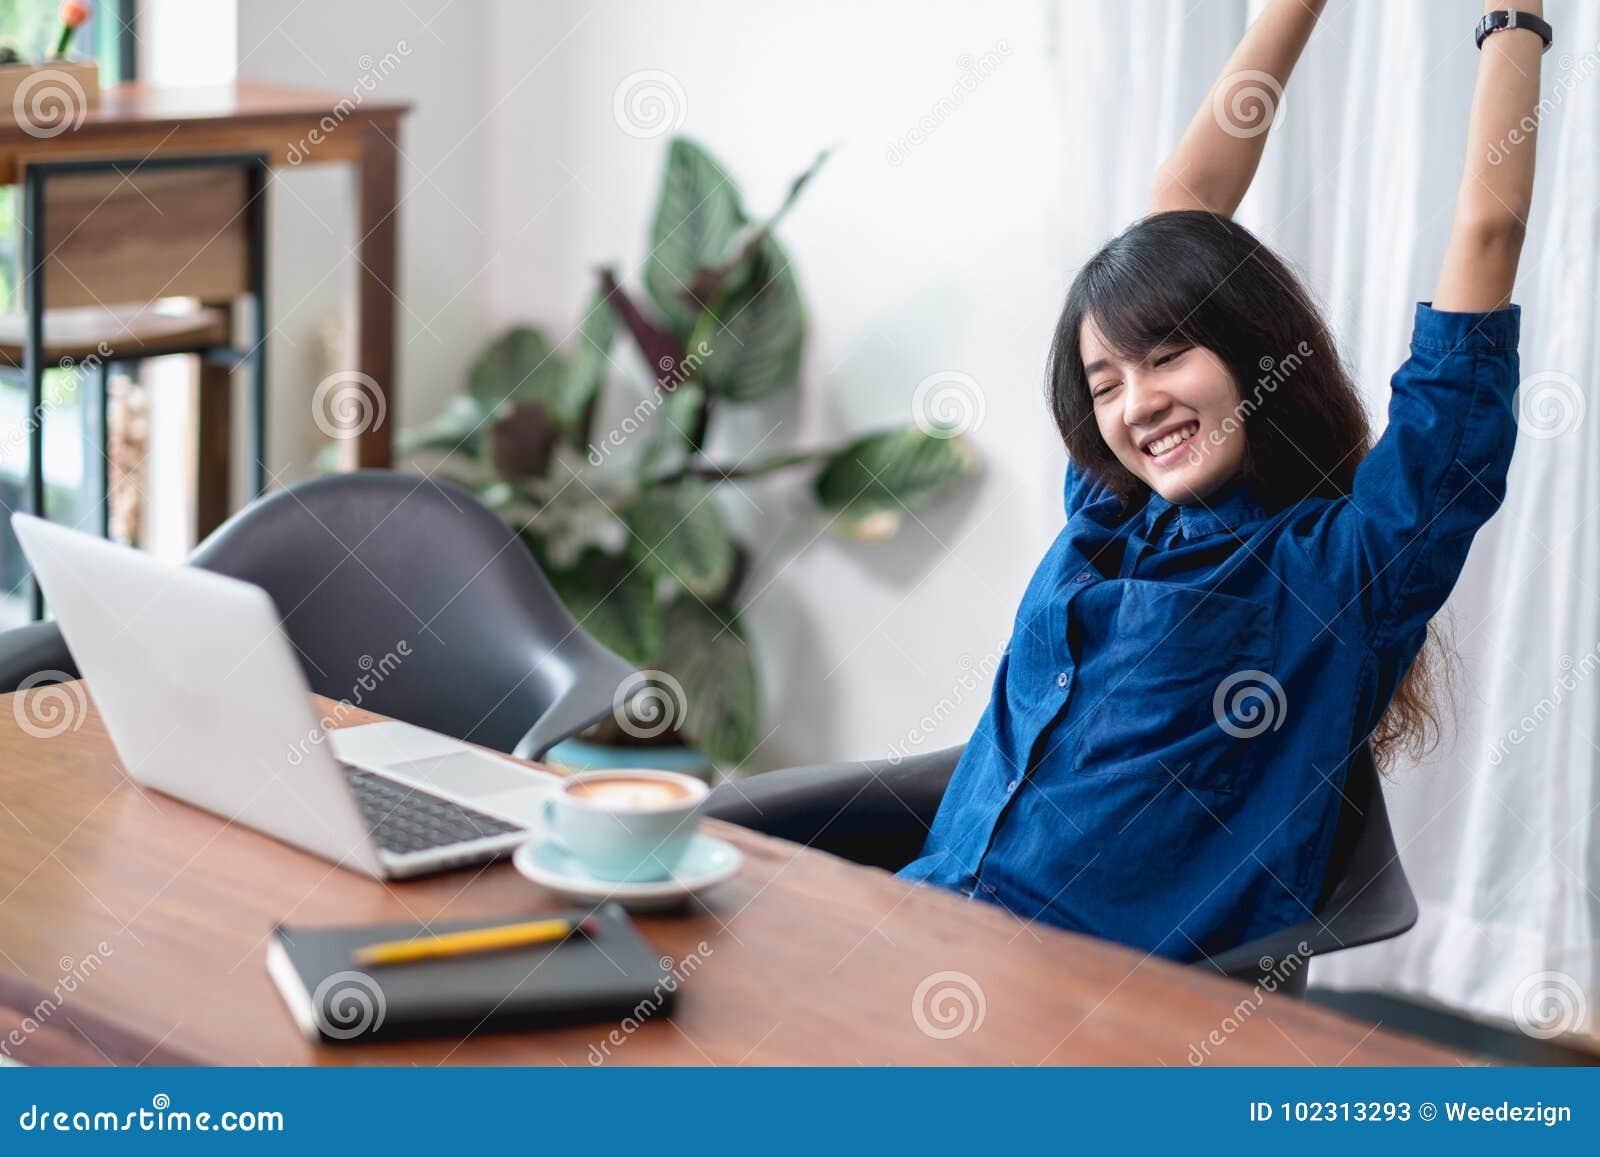 亚洲妇女在工作,舒展以后女性培养的胳膊放松